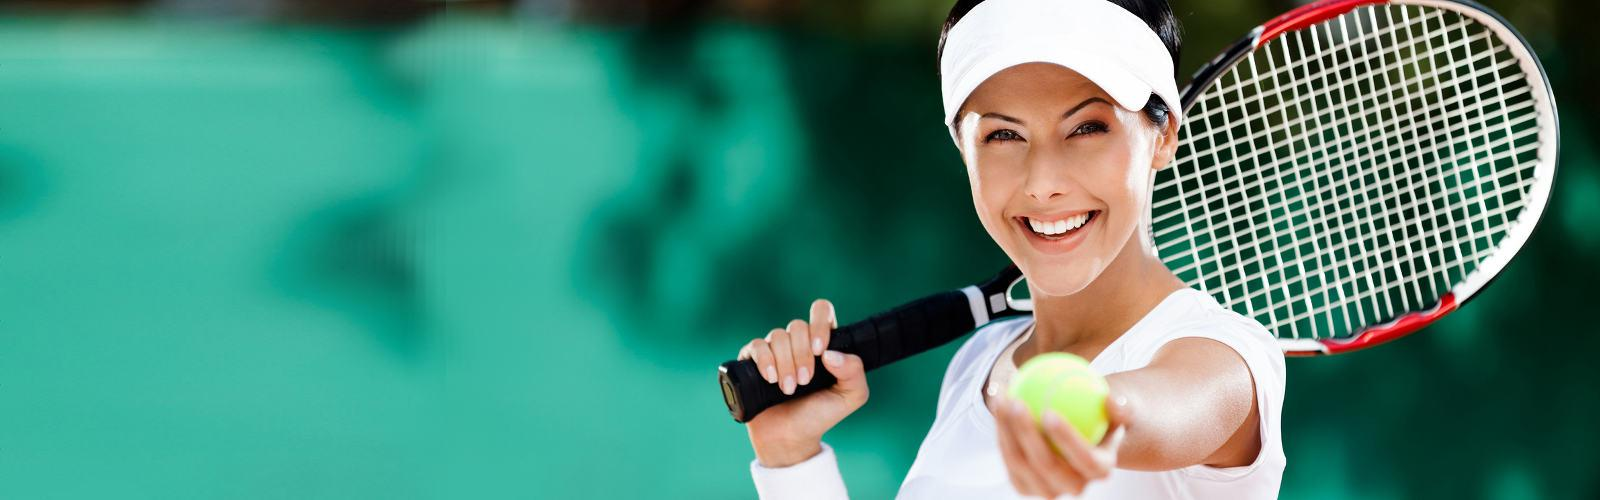 Klub tenisowy Sport Park Śląsk - Chorzów - Park Śląski - Tenis